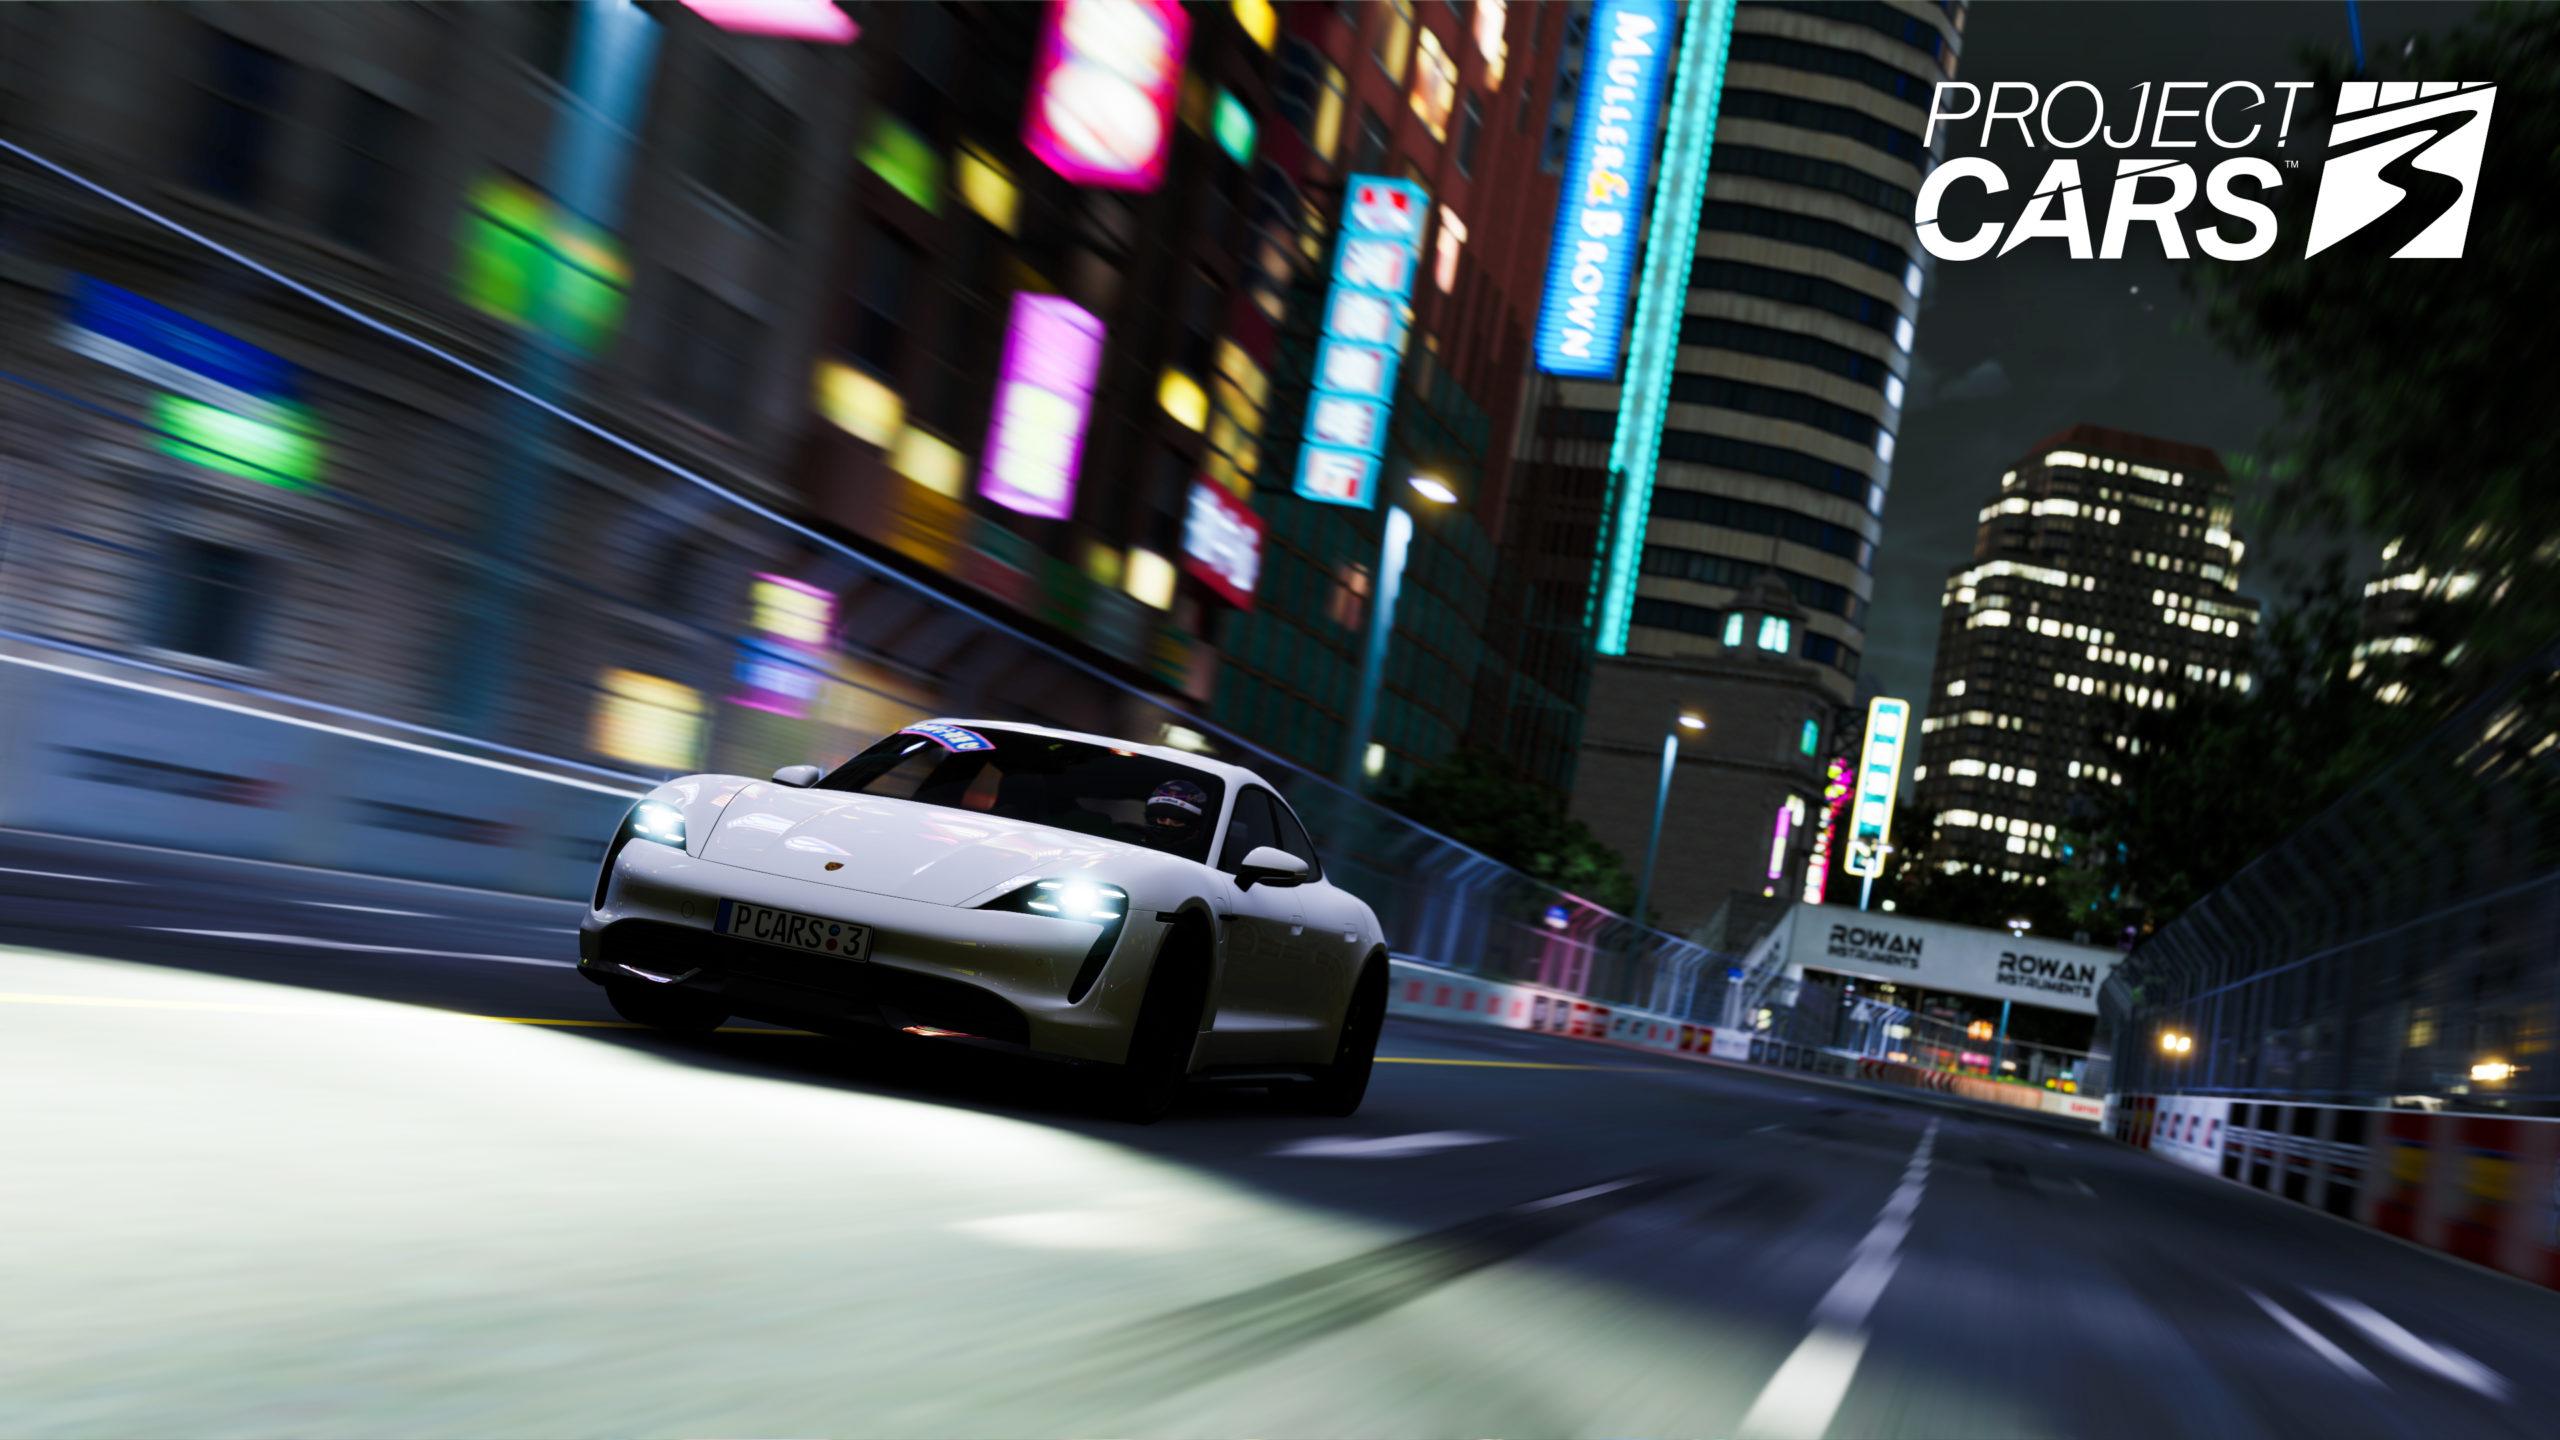 Project Cars 3 - Porsche